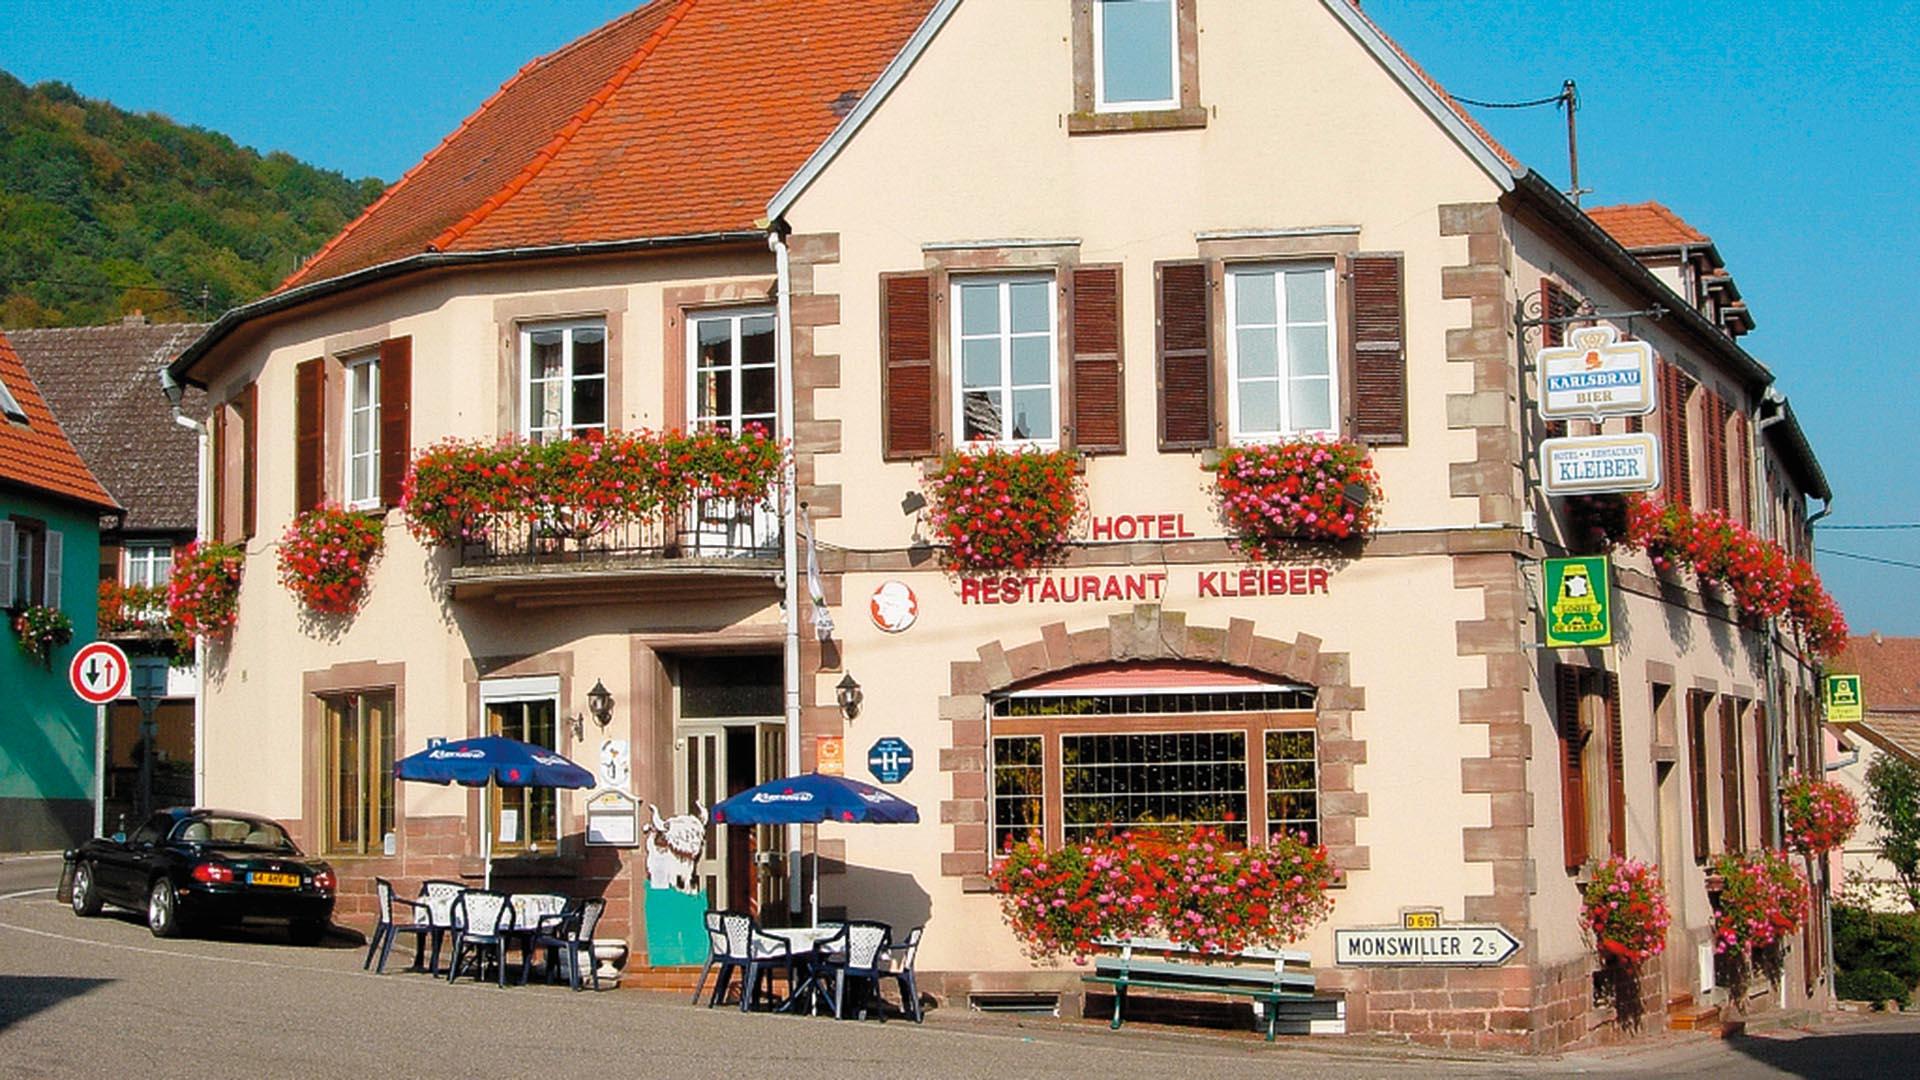 Hotel Restaurant Kleiber